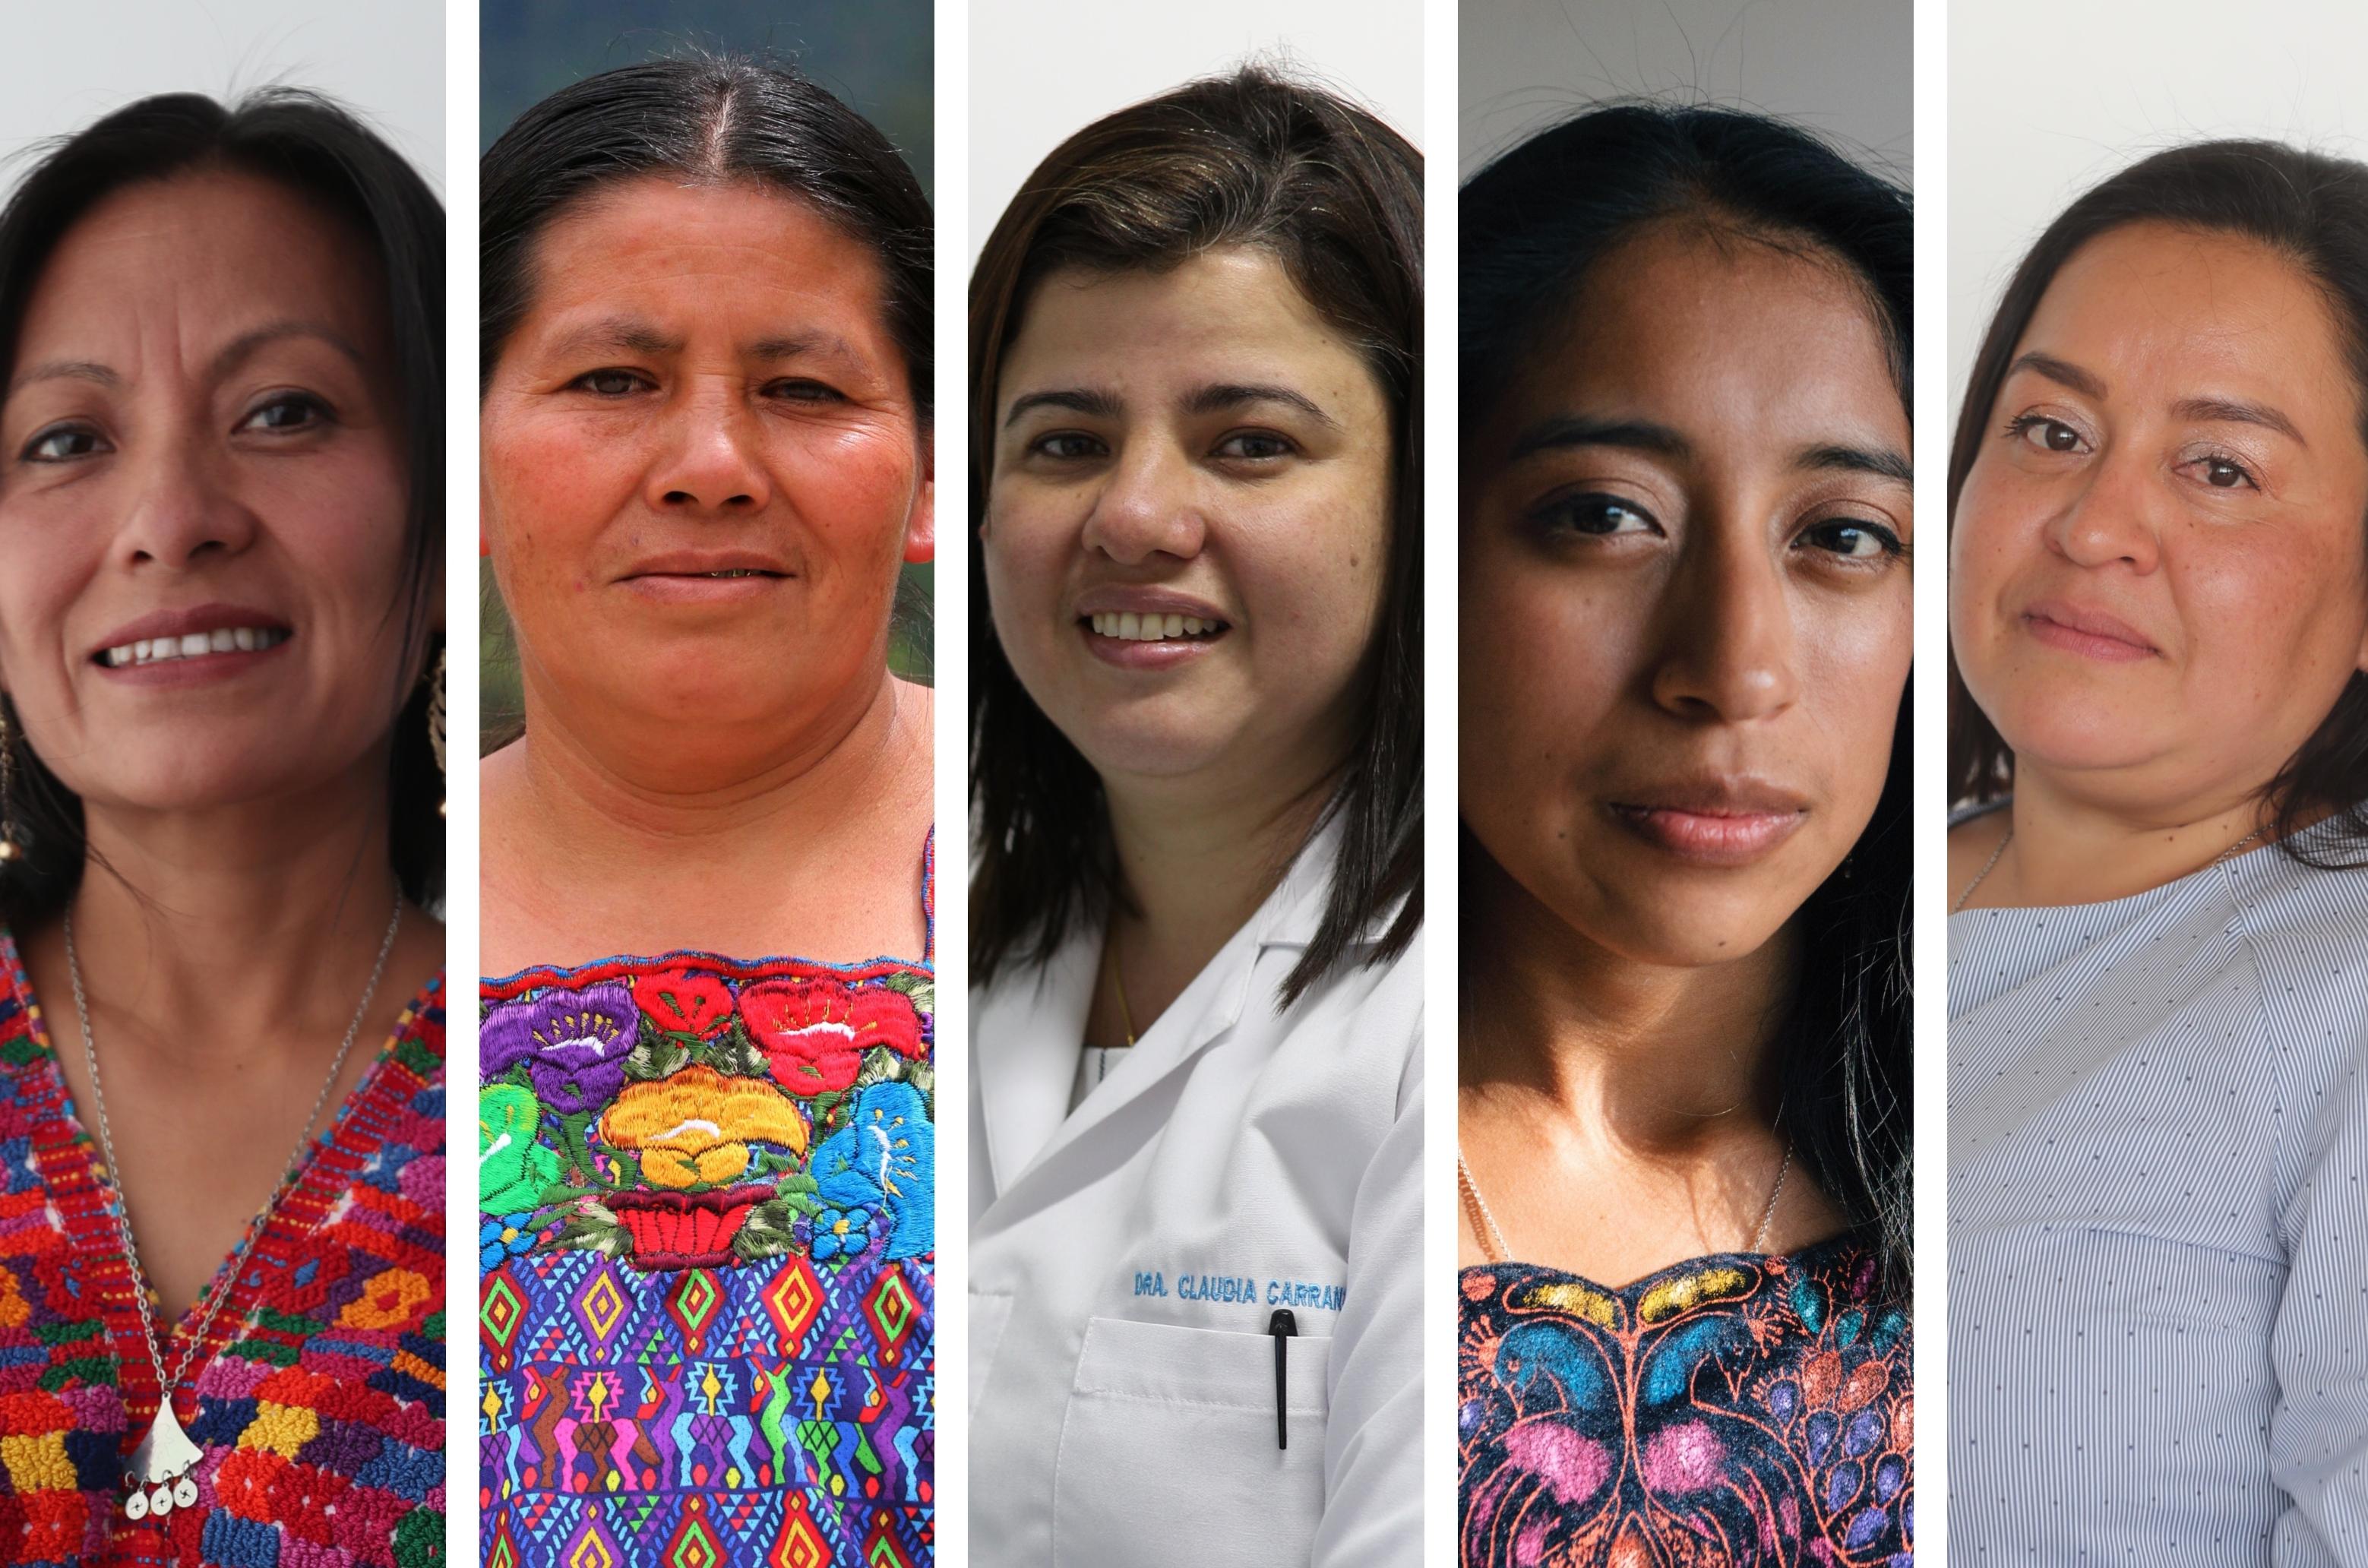 Angelina Aspuac, Herlinda Xol, Claudia Carranza, Mercedes Coroy y Dulce Barrera son guatemaltecas que inspiran.